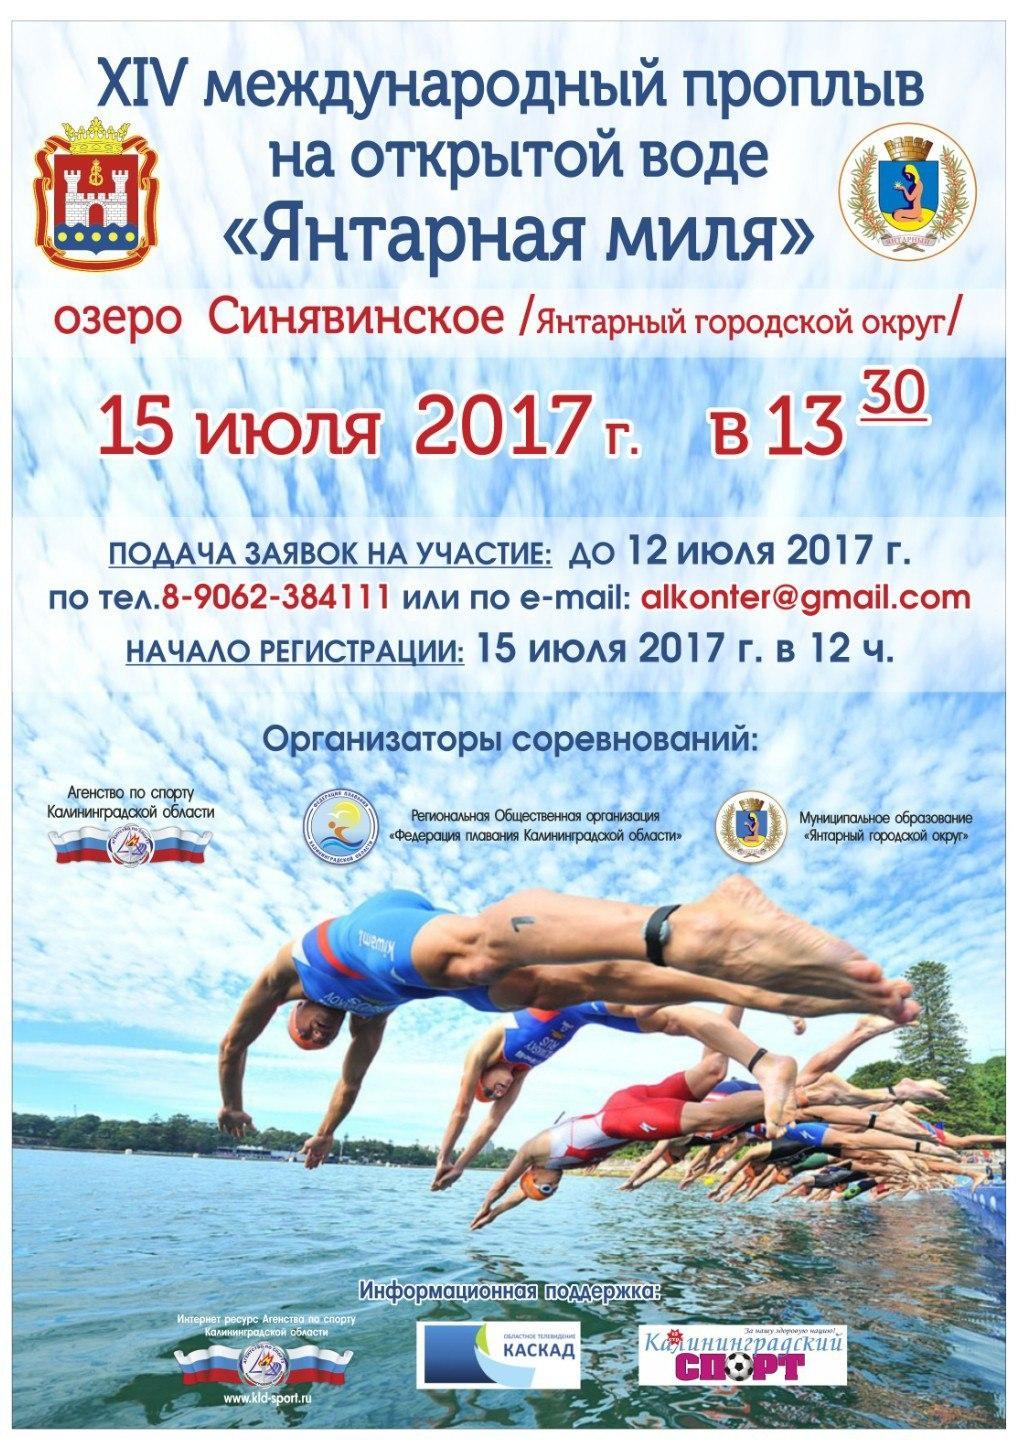 plavanie-yantarniy-15-iulya-sportkaliningrad